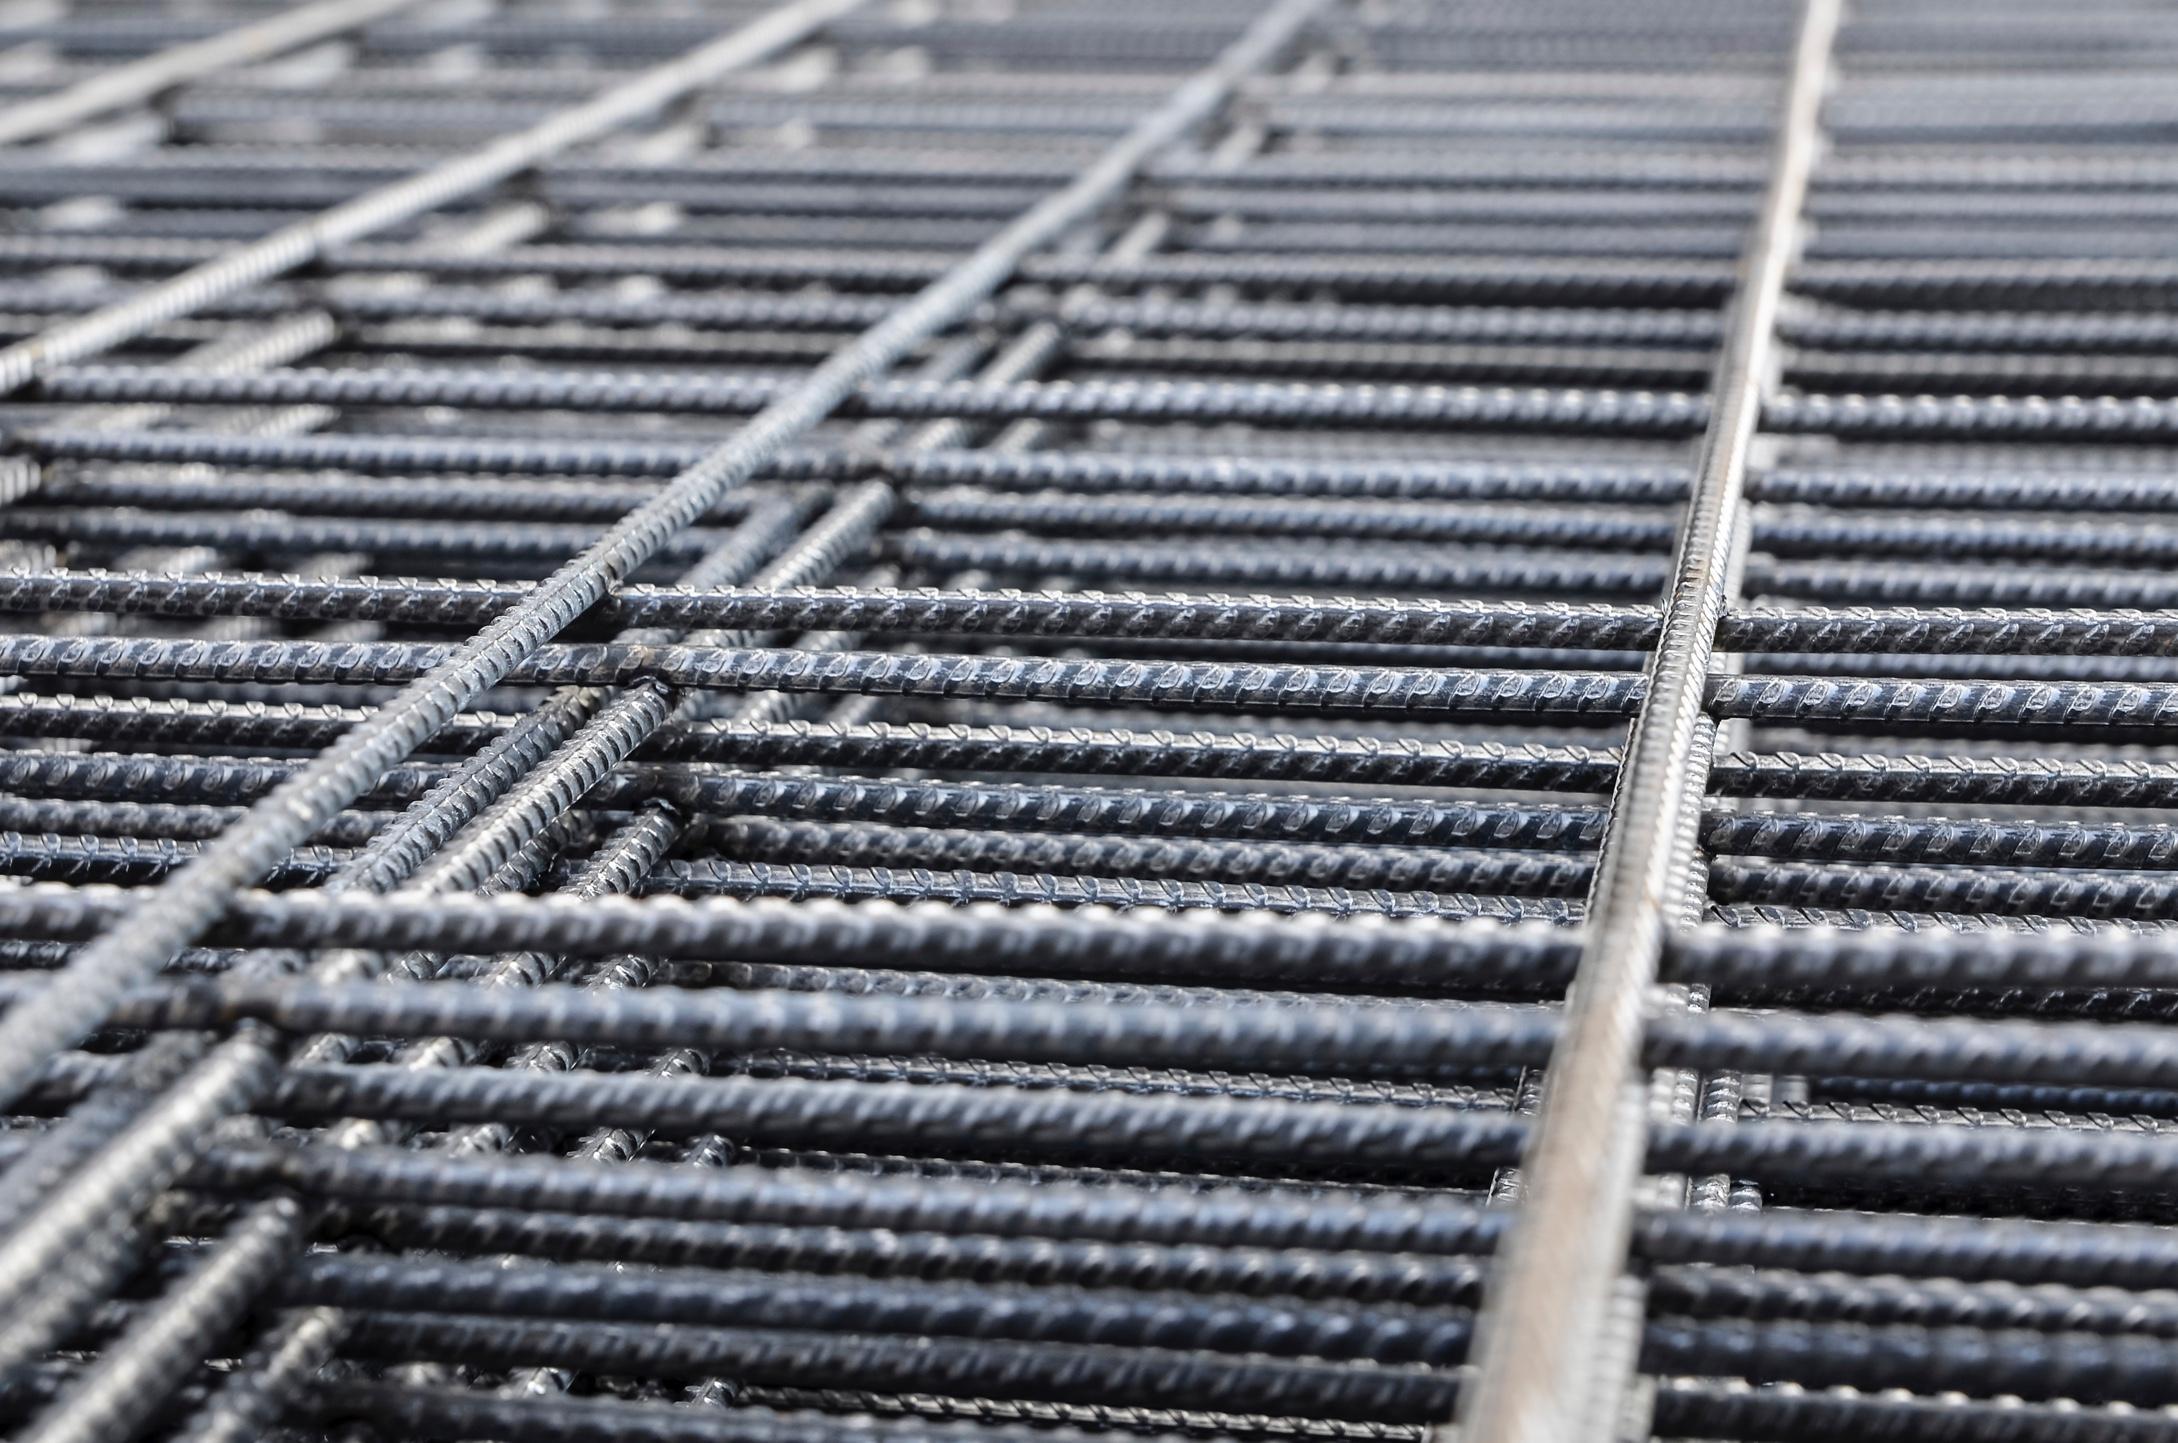 Rebar mesh